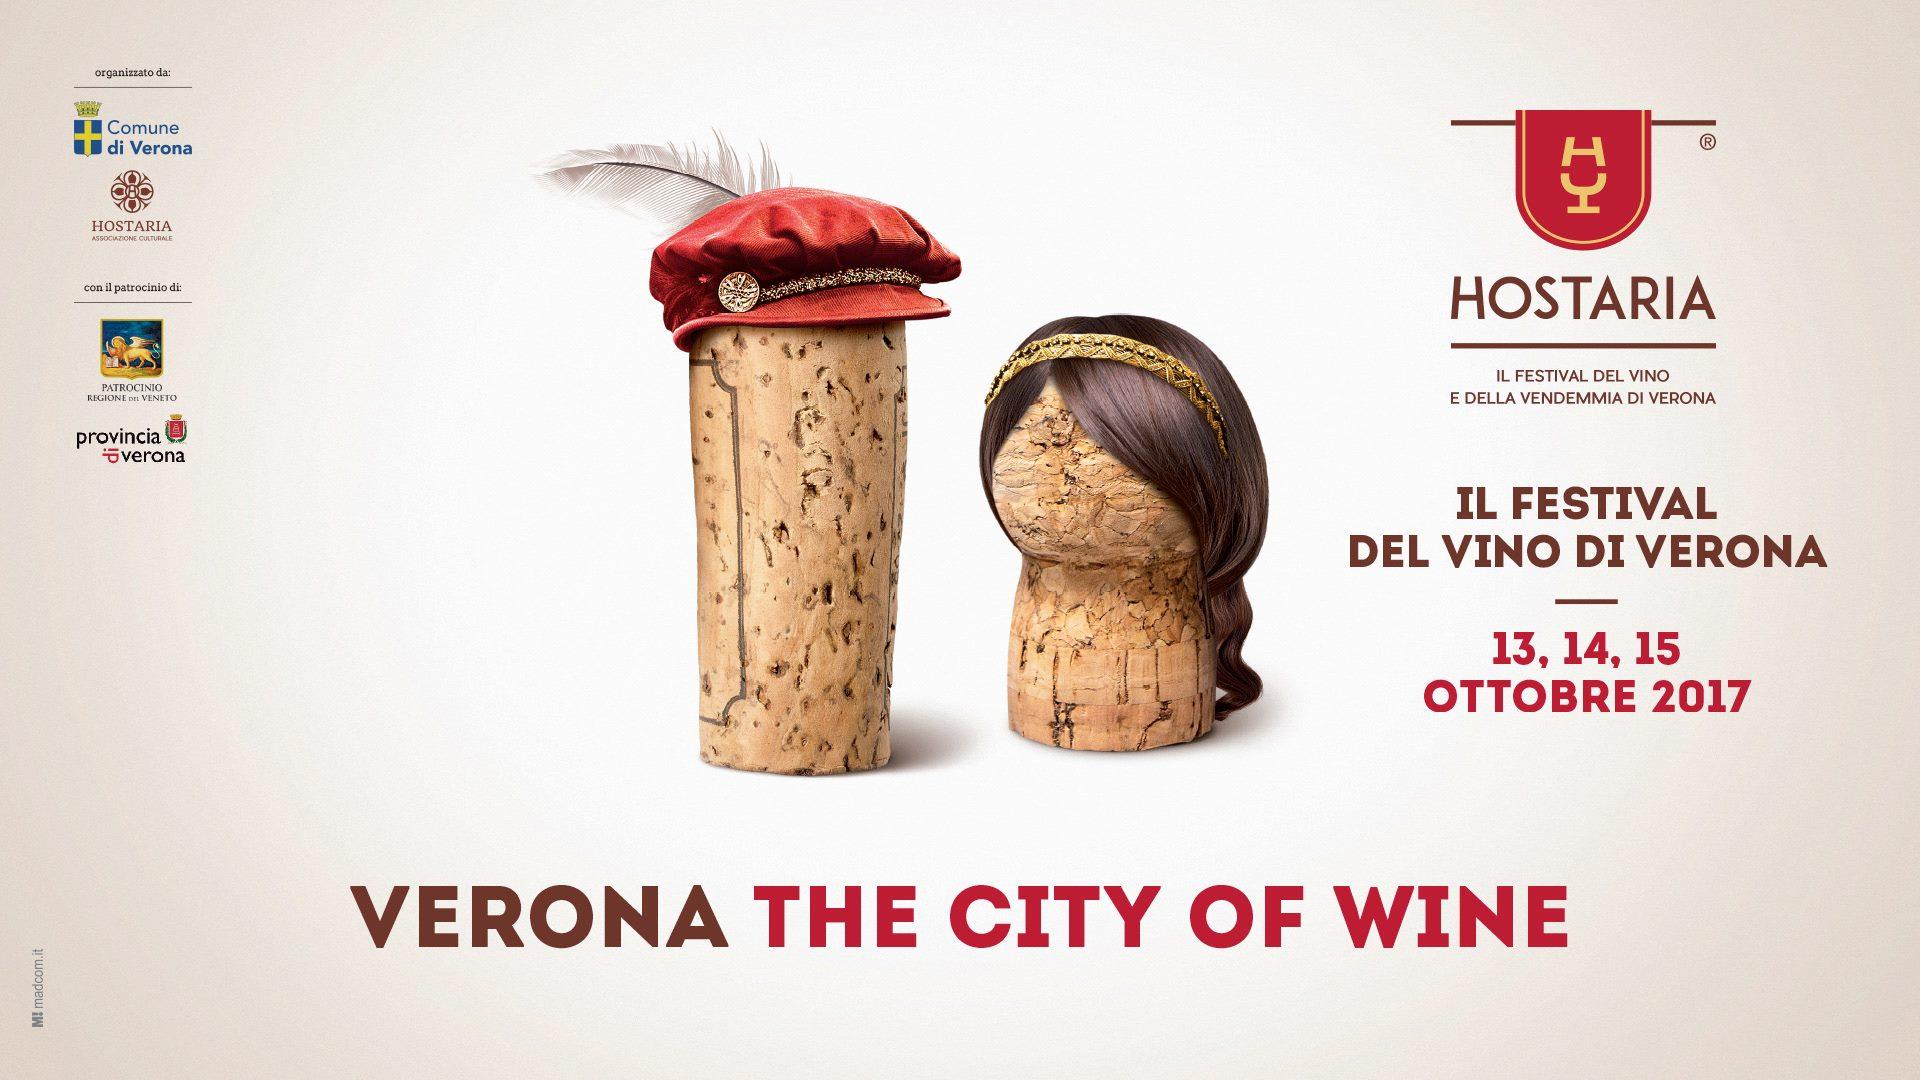 Hostaria Verona 2017 - Il Festival del Vino